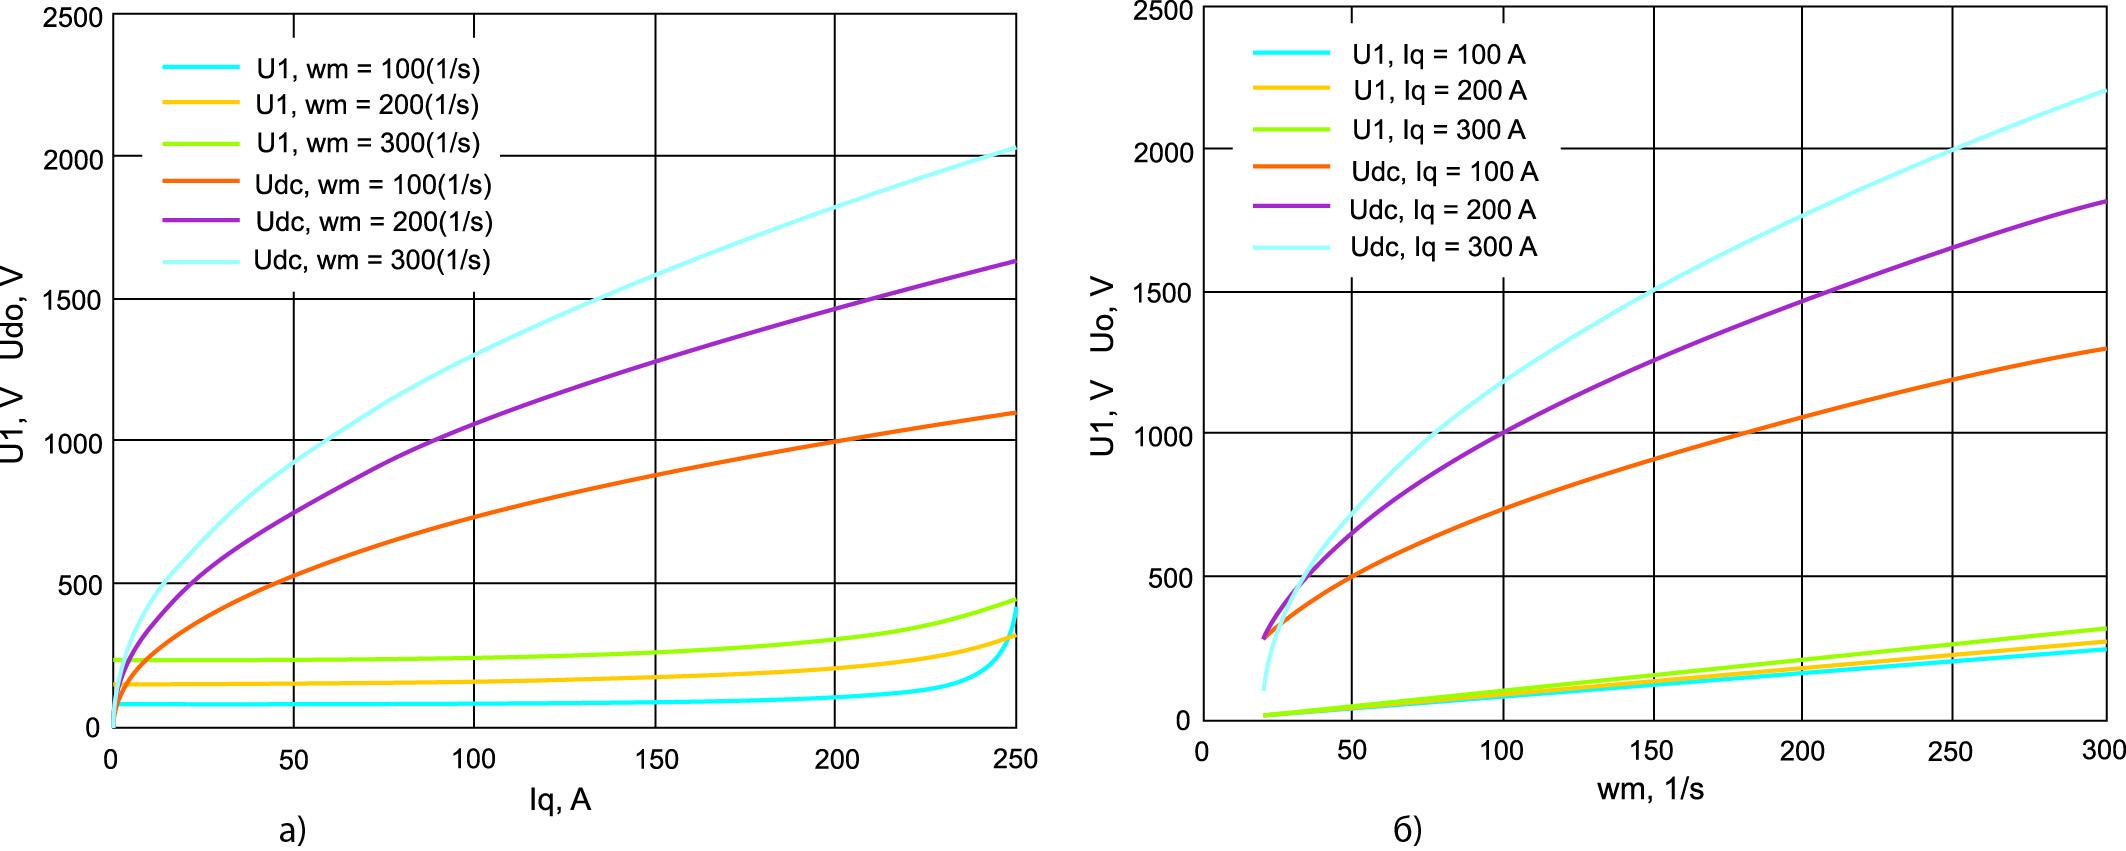 Электромагнитные характеристики в системе при управлении АВ по одной (q) координате